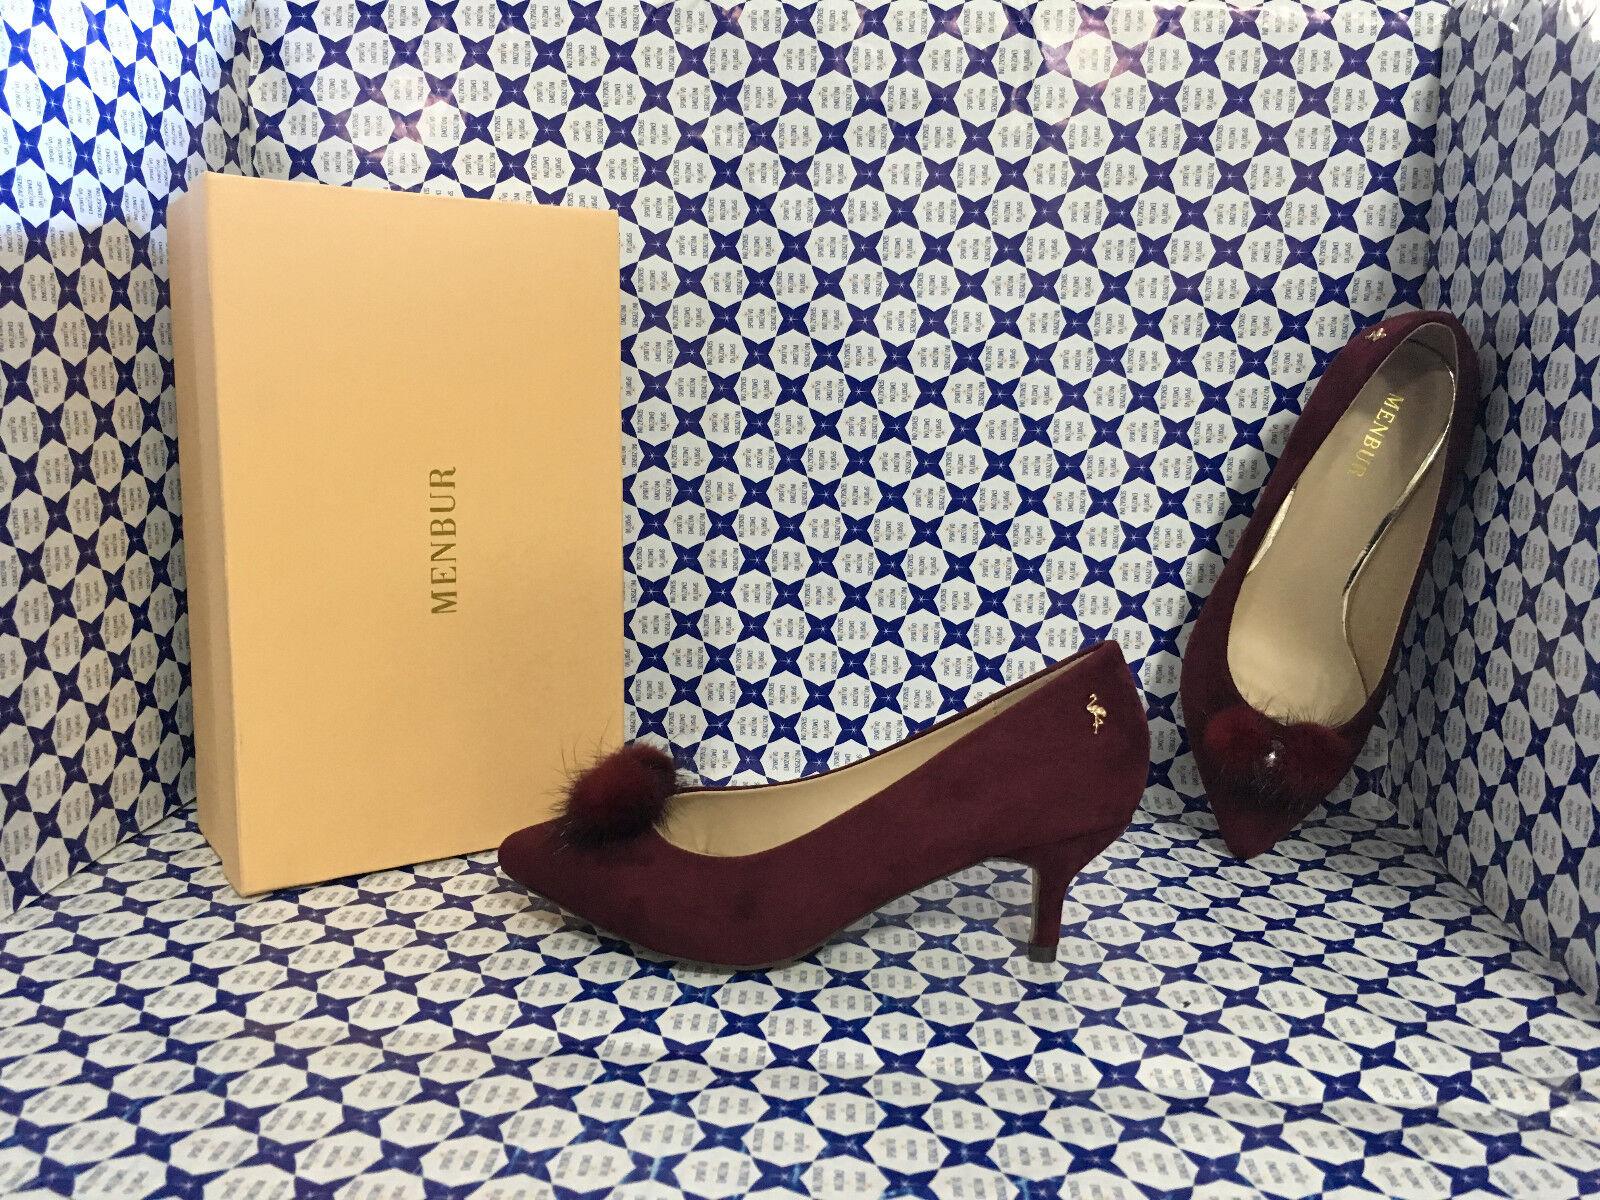 chaussures Menbur femmes - Decoltè Scamosciata Pon Pon Pelliccia - Bordeaux - 7792